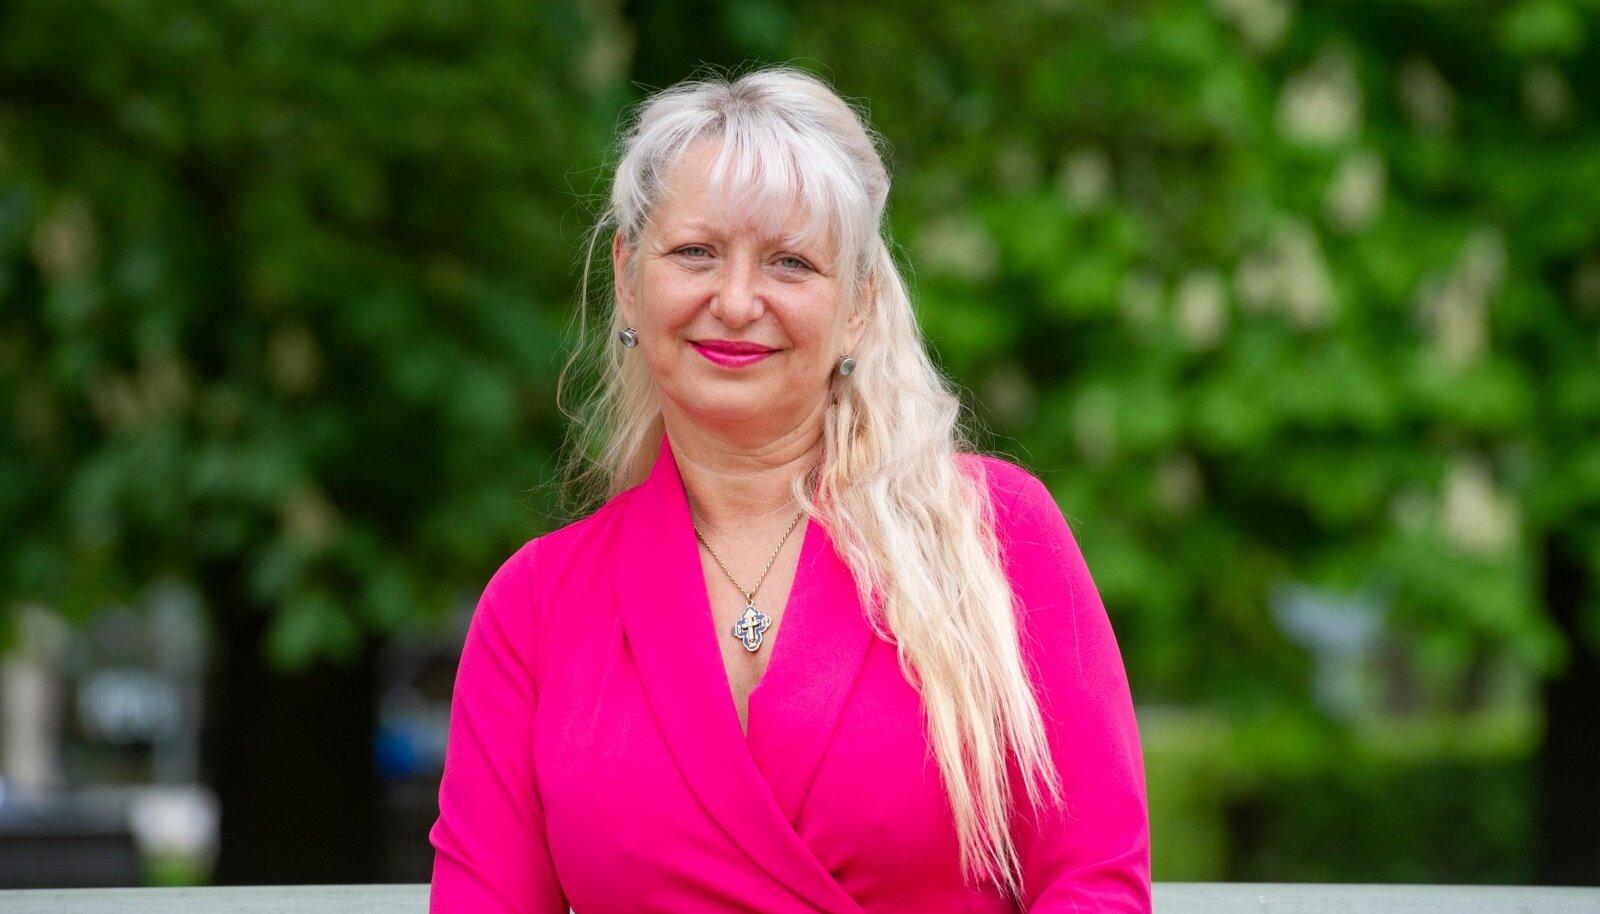 KAITSEB NAISI: Jurist Maarika Pähklemäe keeldub vägivallat-sejaga ühes seltskonnas viibimast.